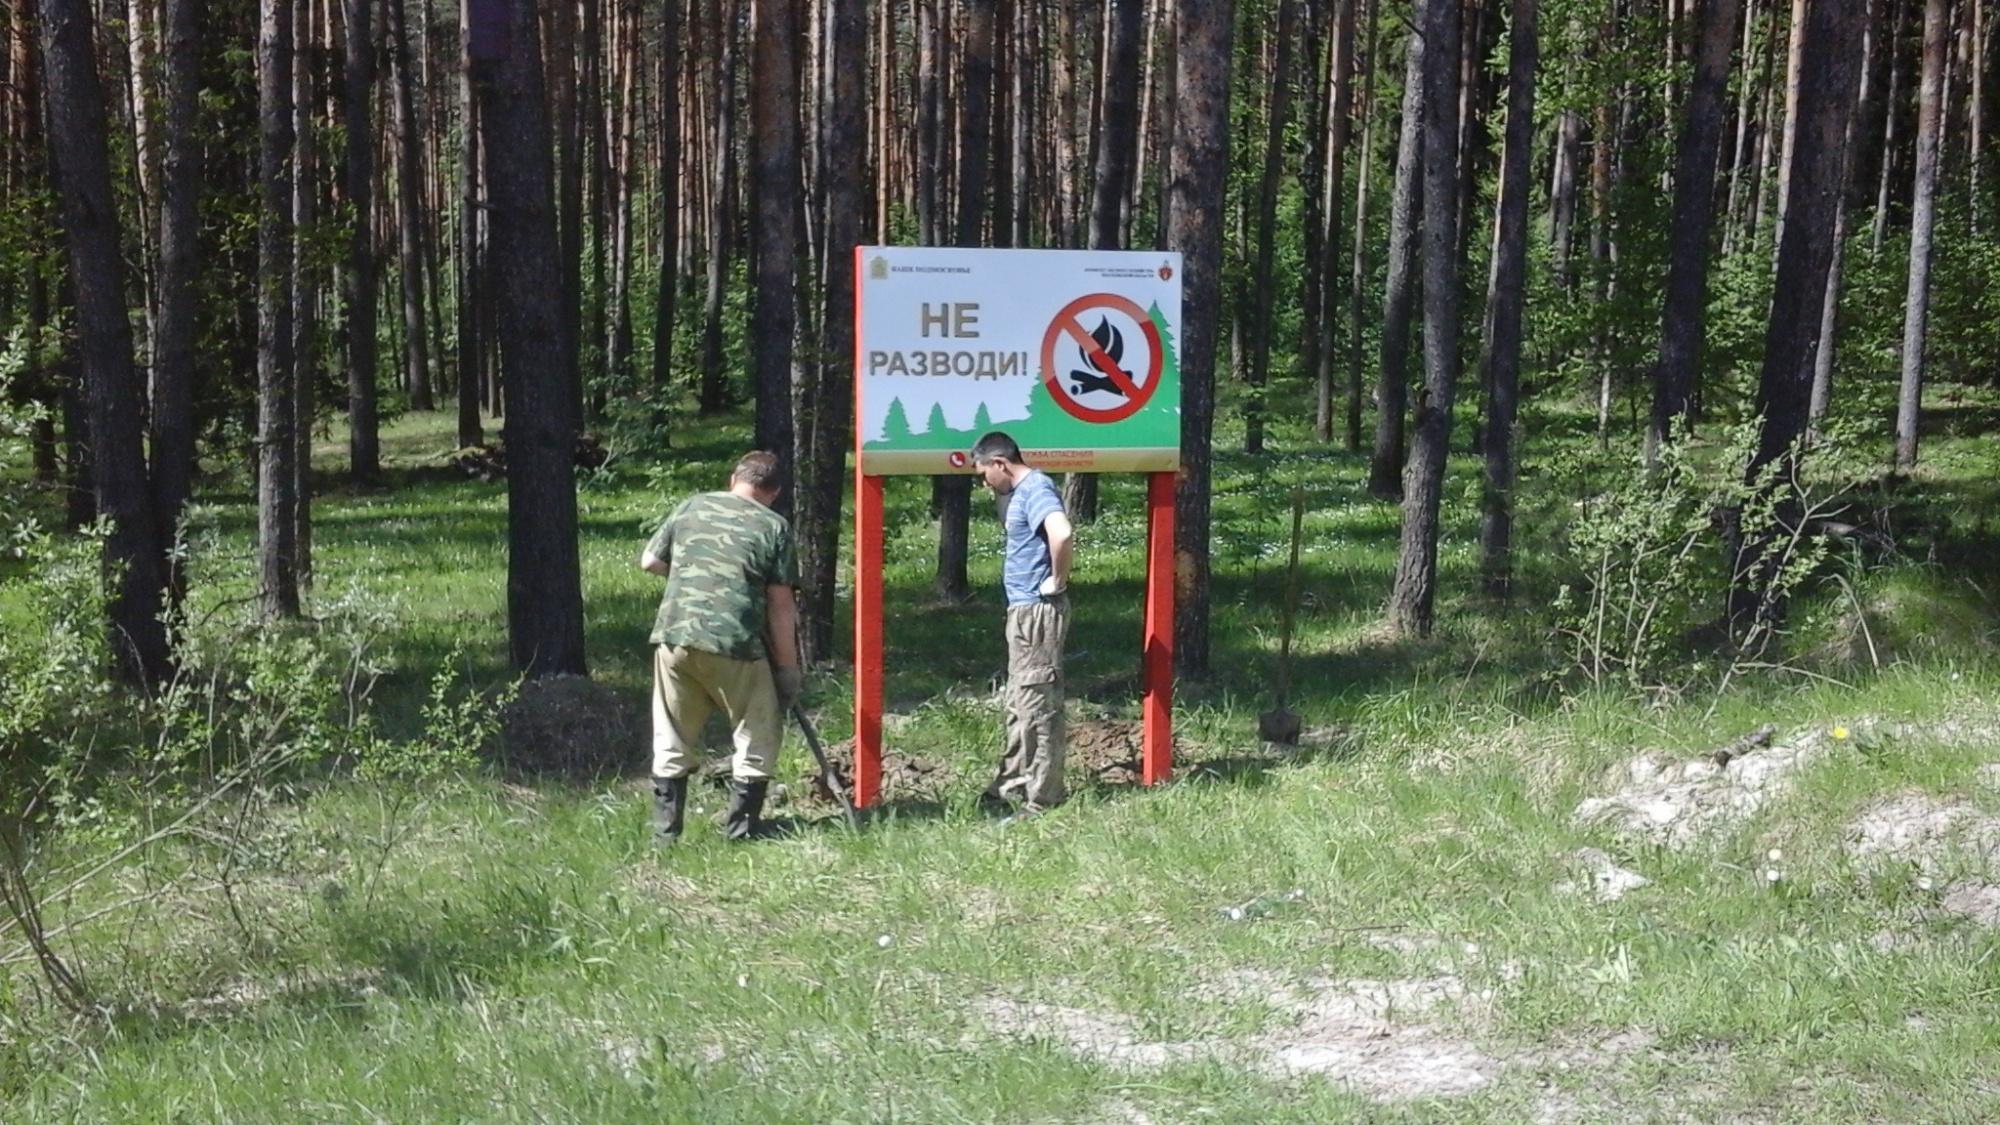 Максимальный класс пожарной опасности введен в Пыщугском районе Костромской области